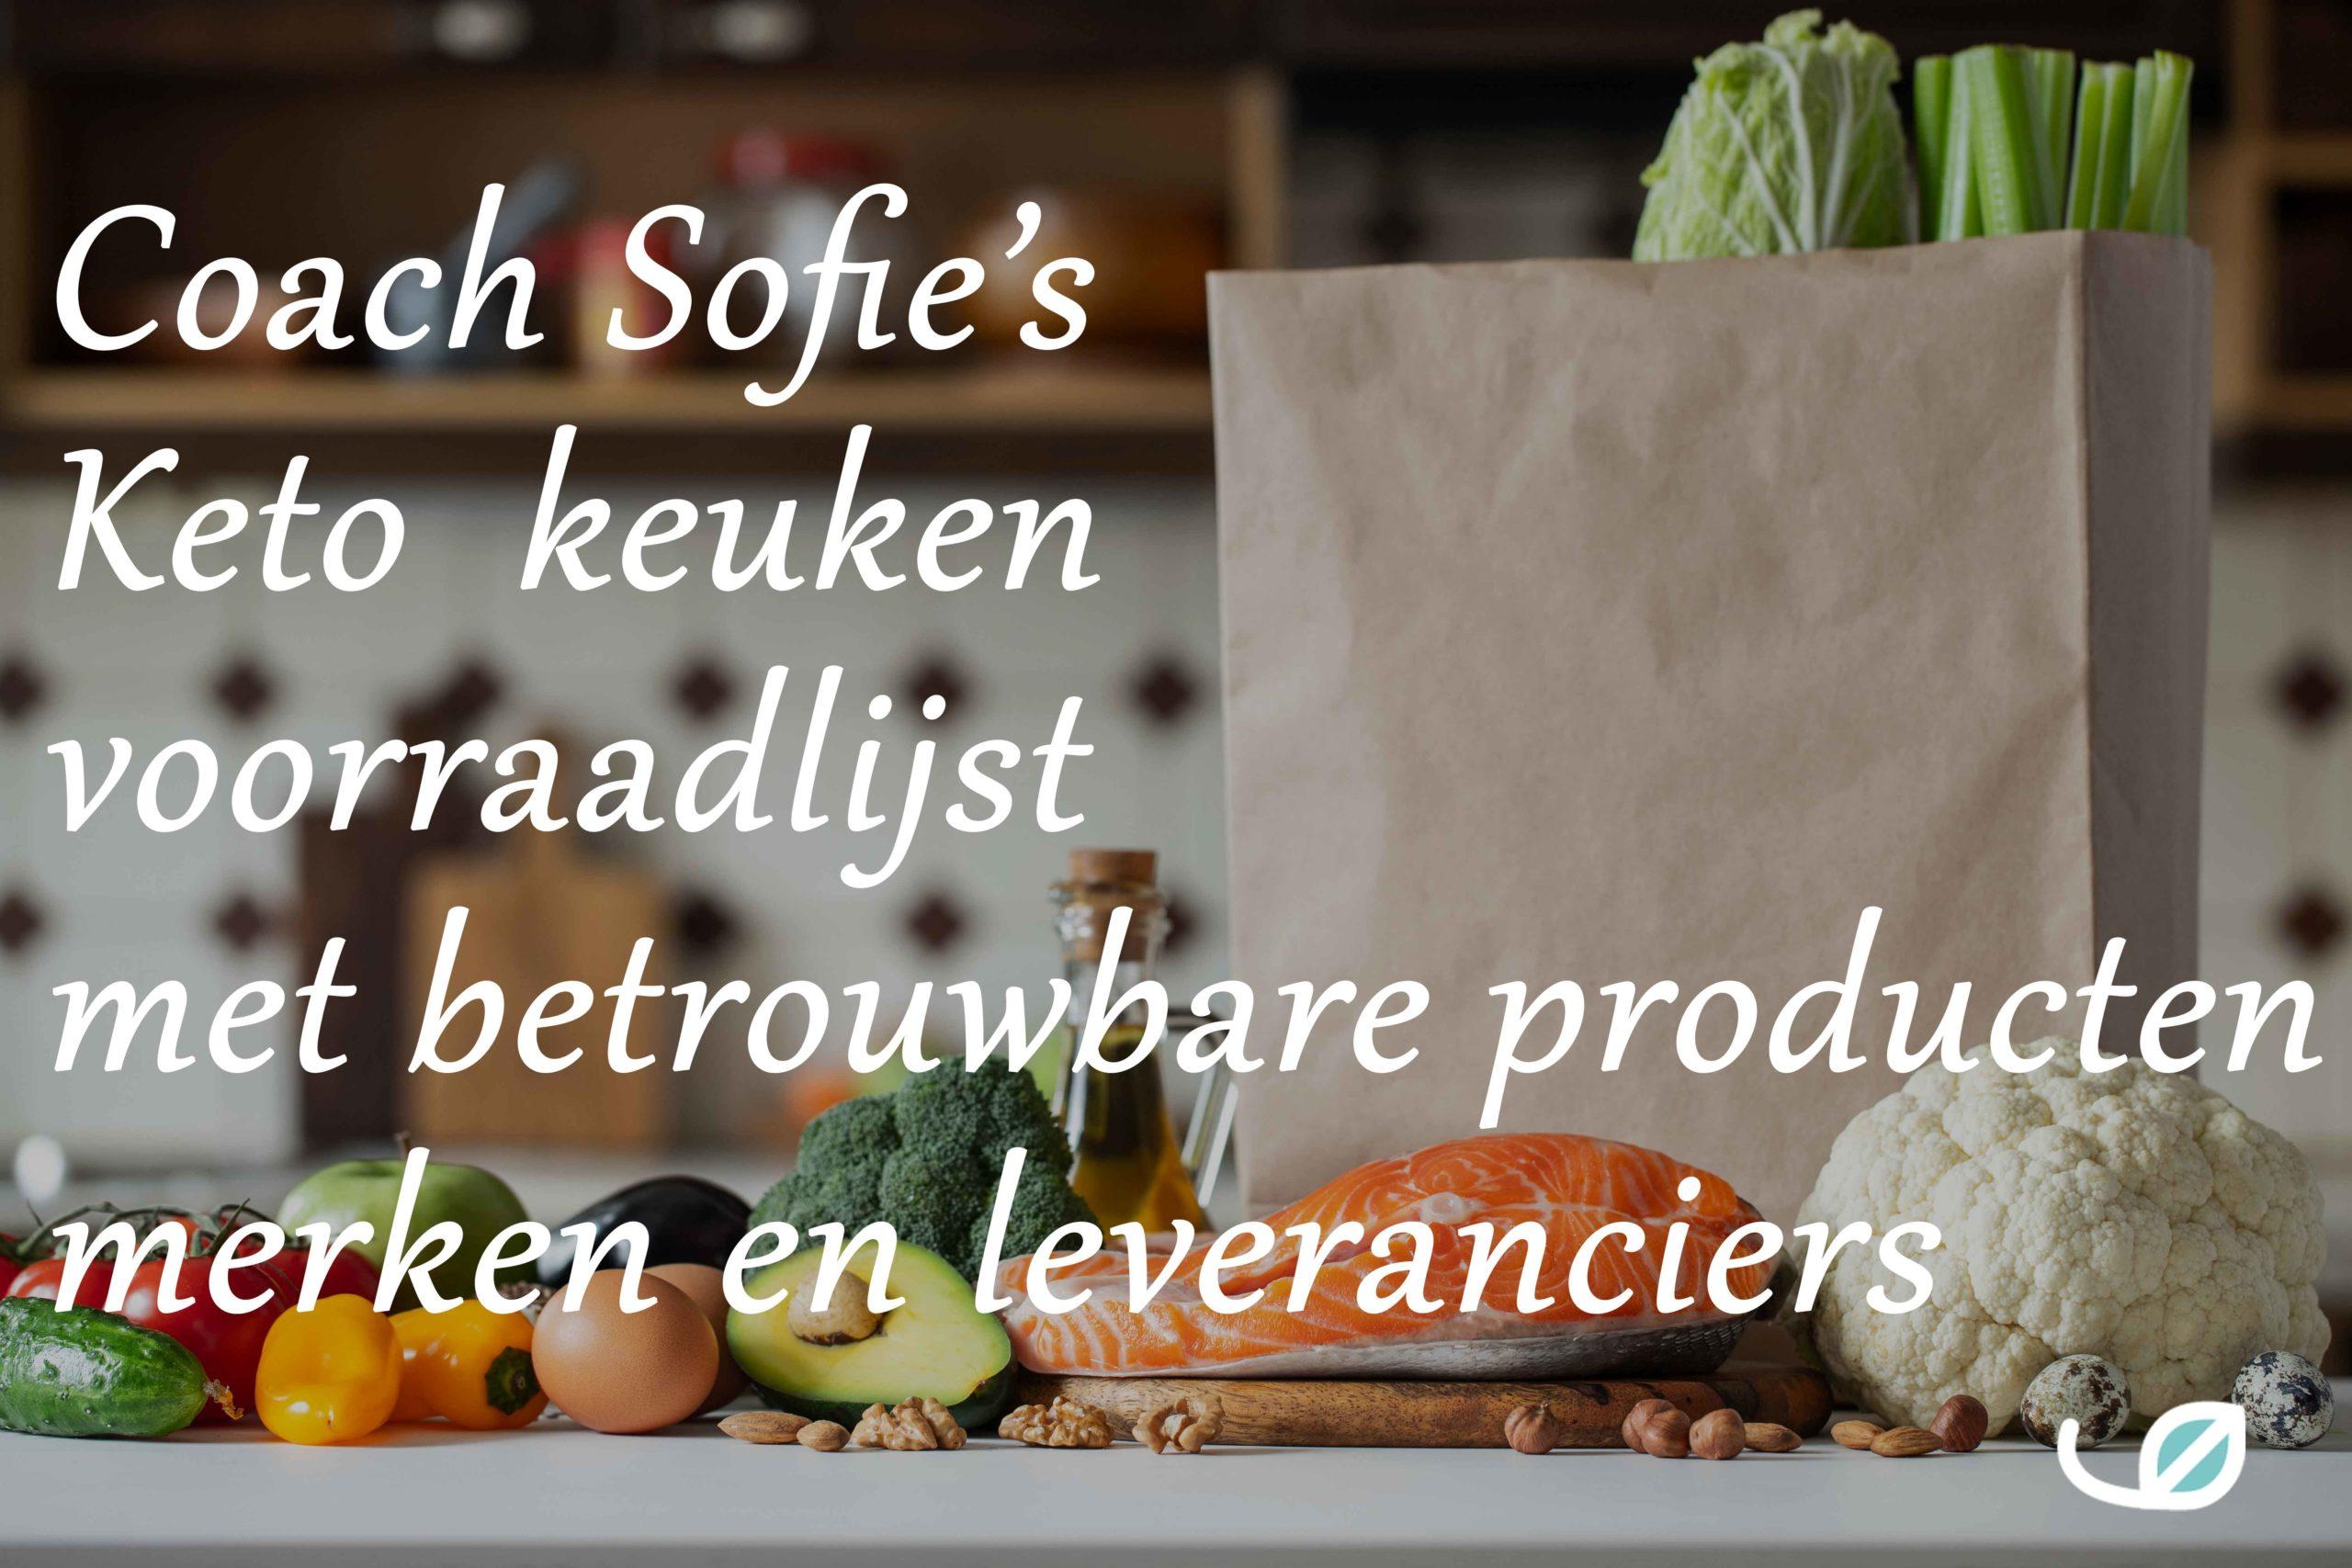 Coach Sofie keto keuken voorraadlijst met betrouwbare producten merken en leveranciers